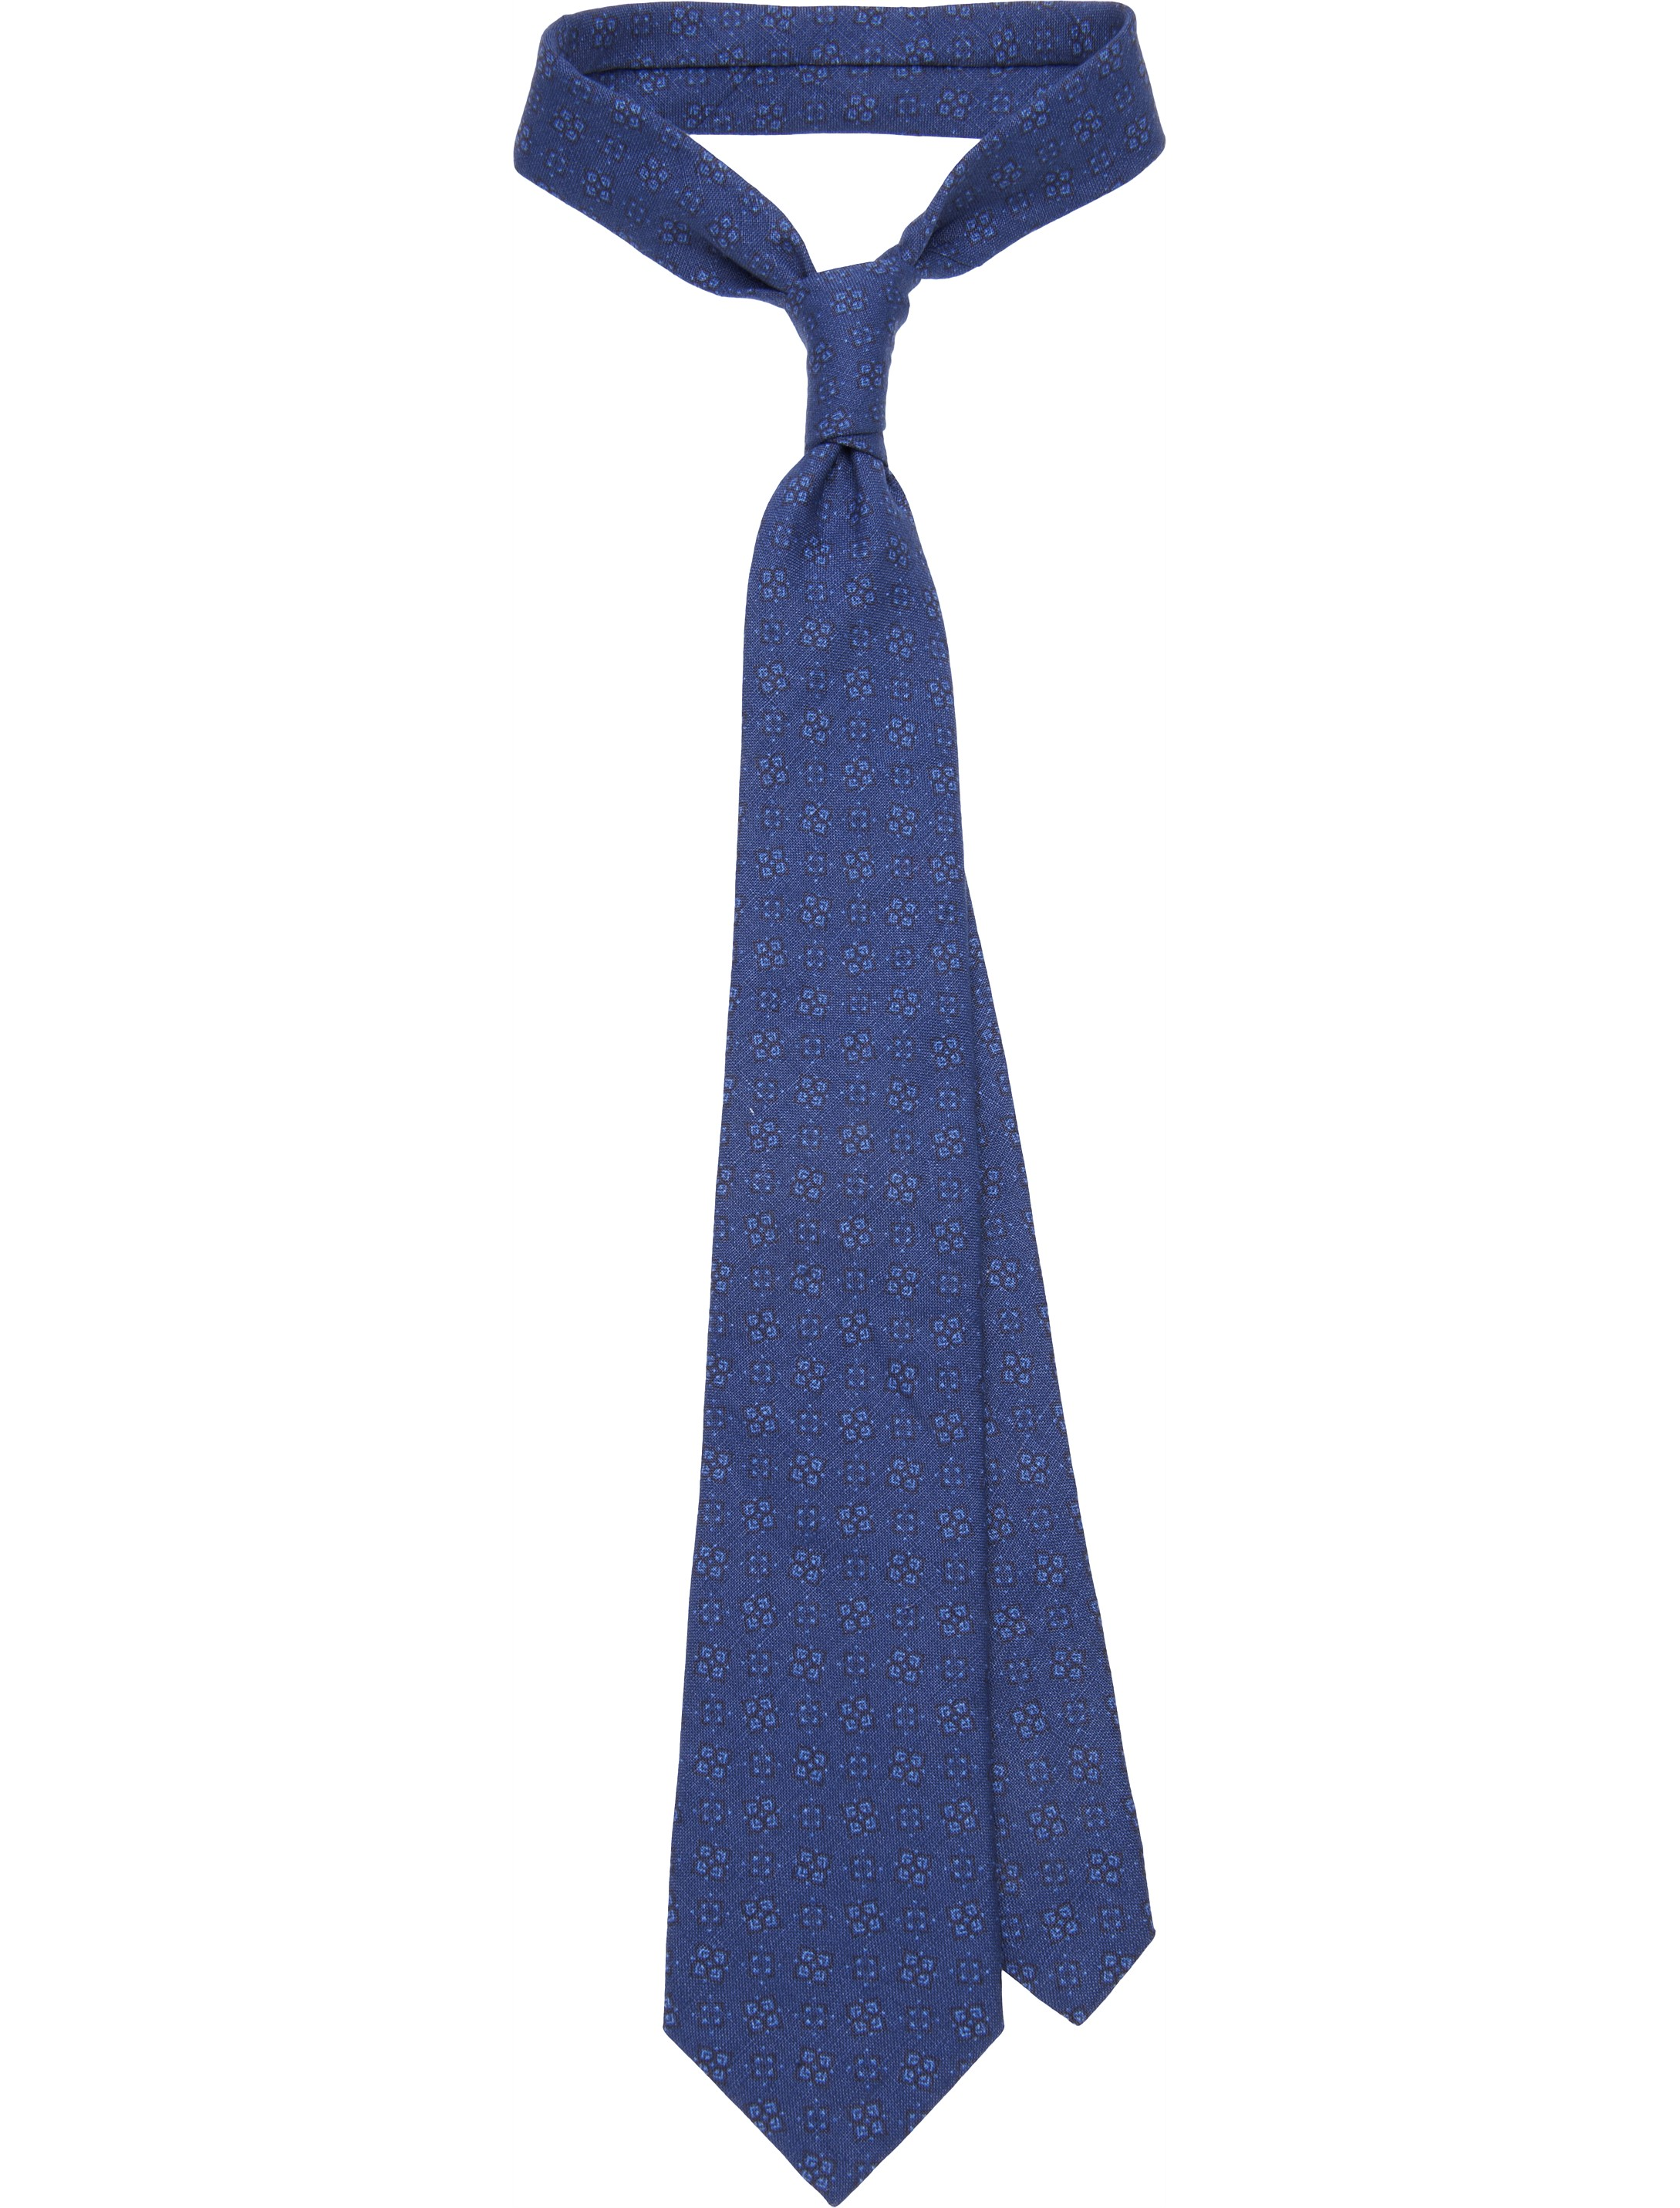 领带餐巾折花图解